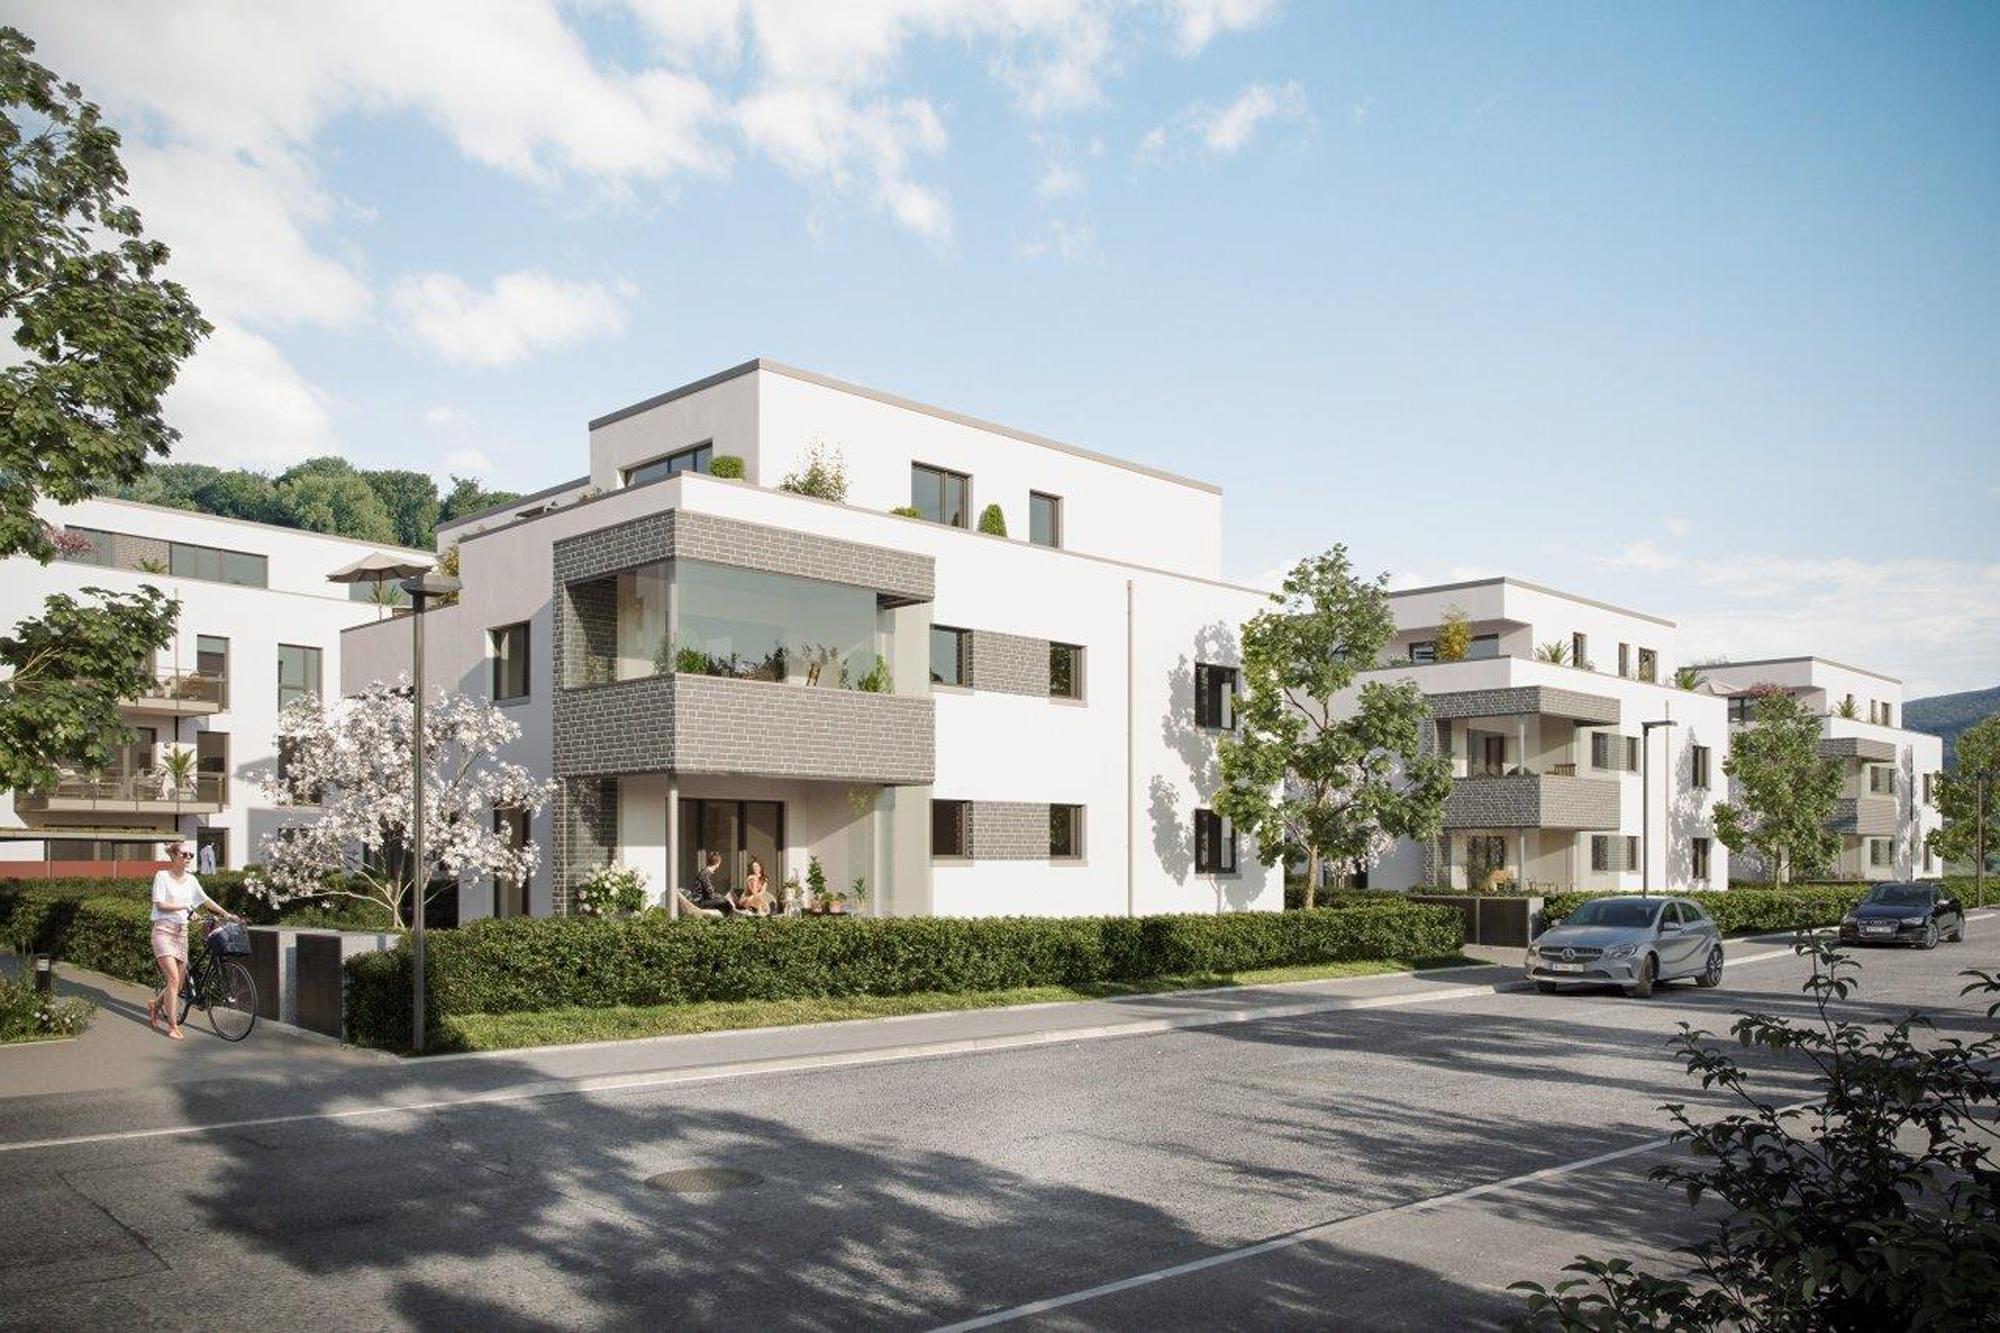 Visualisierung: BPD Immobilienentwicklung GmbH